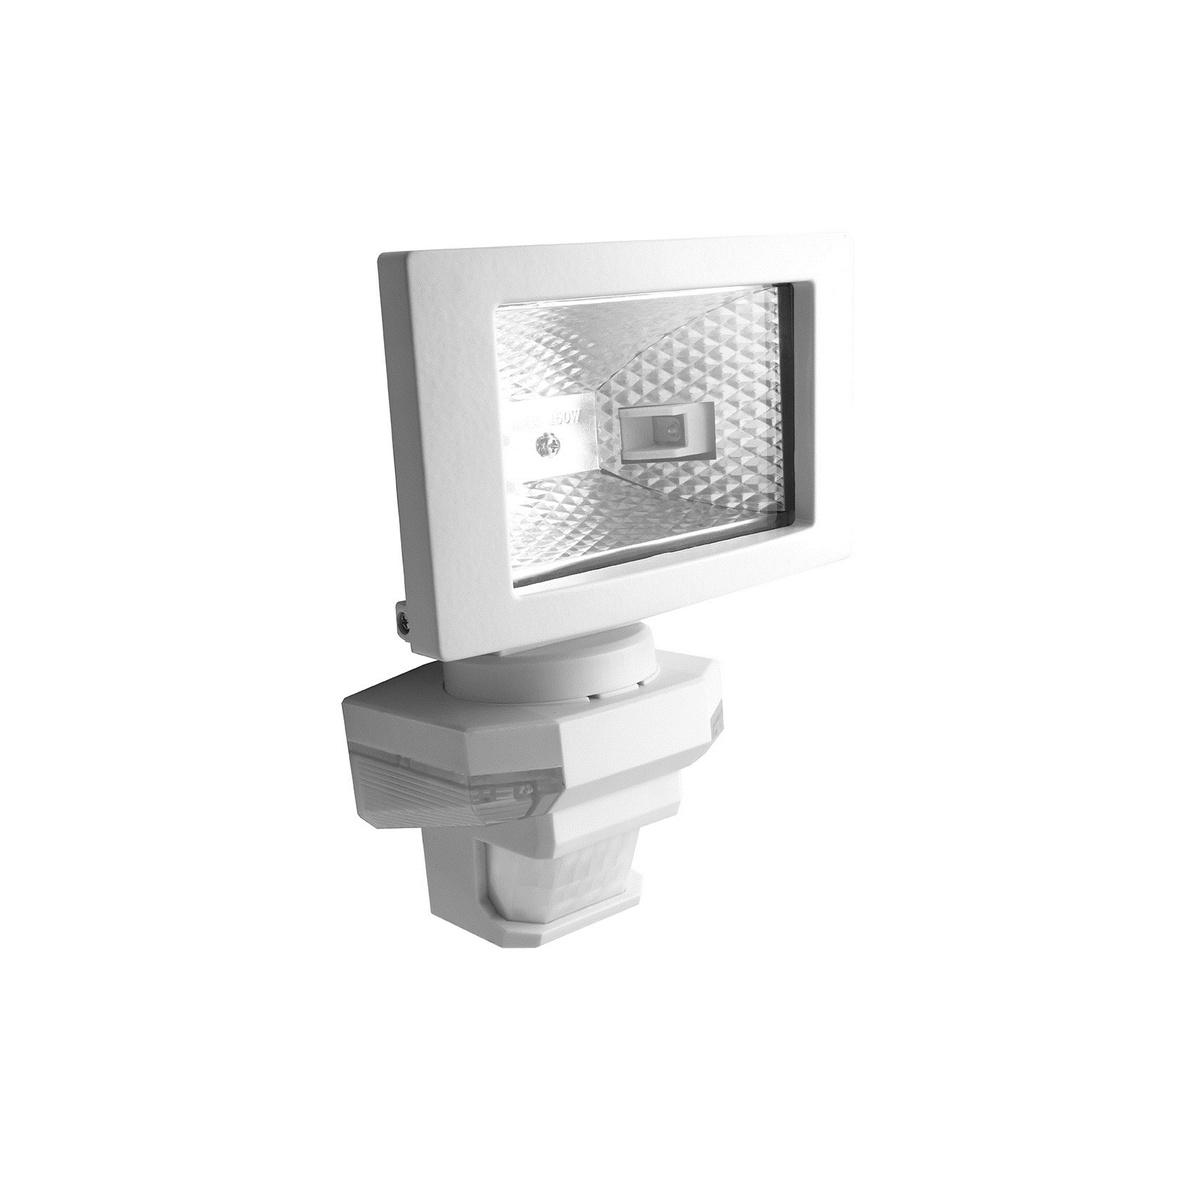 VANA S vonkajšie reflektorové svetlo so senzoroma LED prisvietením, biela teplá, Panlux